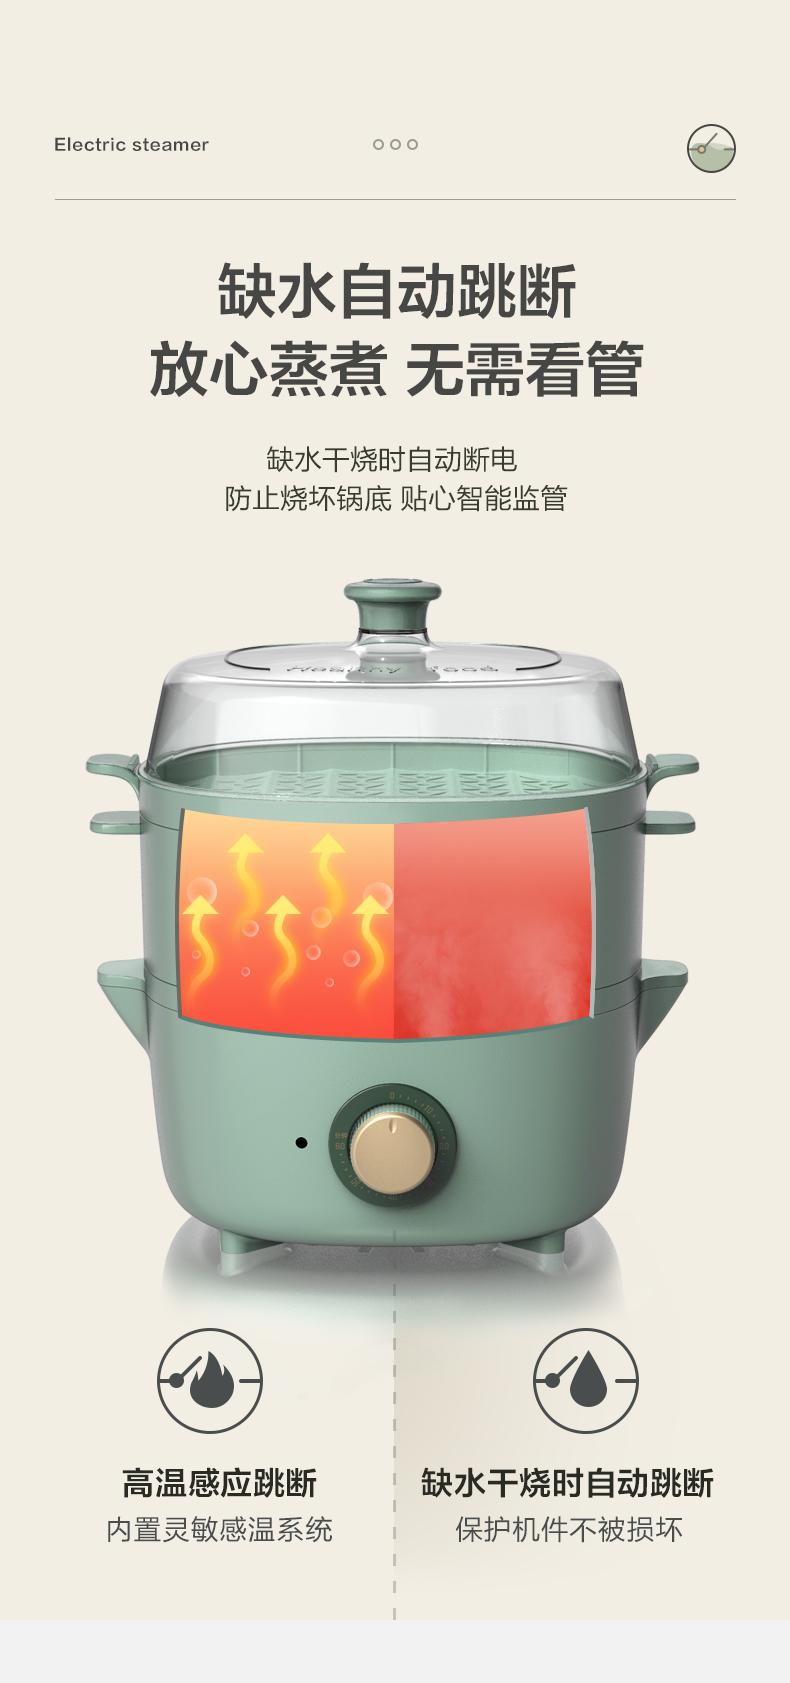 小熊电蒸锅家用小型早餐机双层大容量多功能蒸气锅自动断电蒸笼详细照片